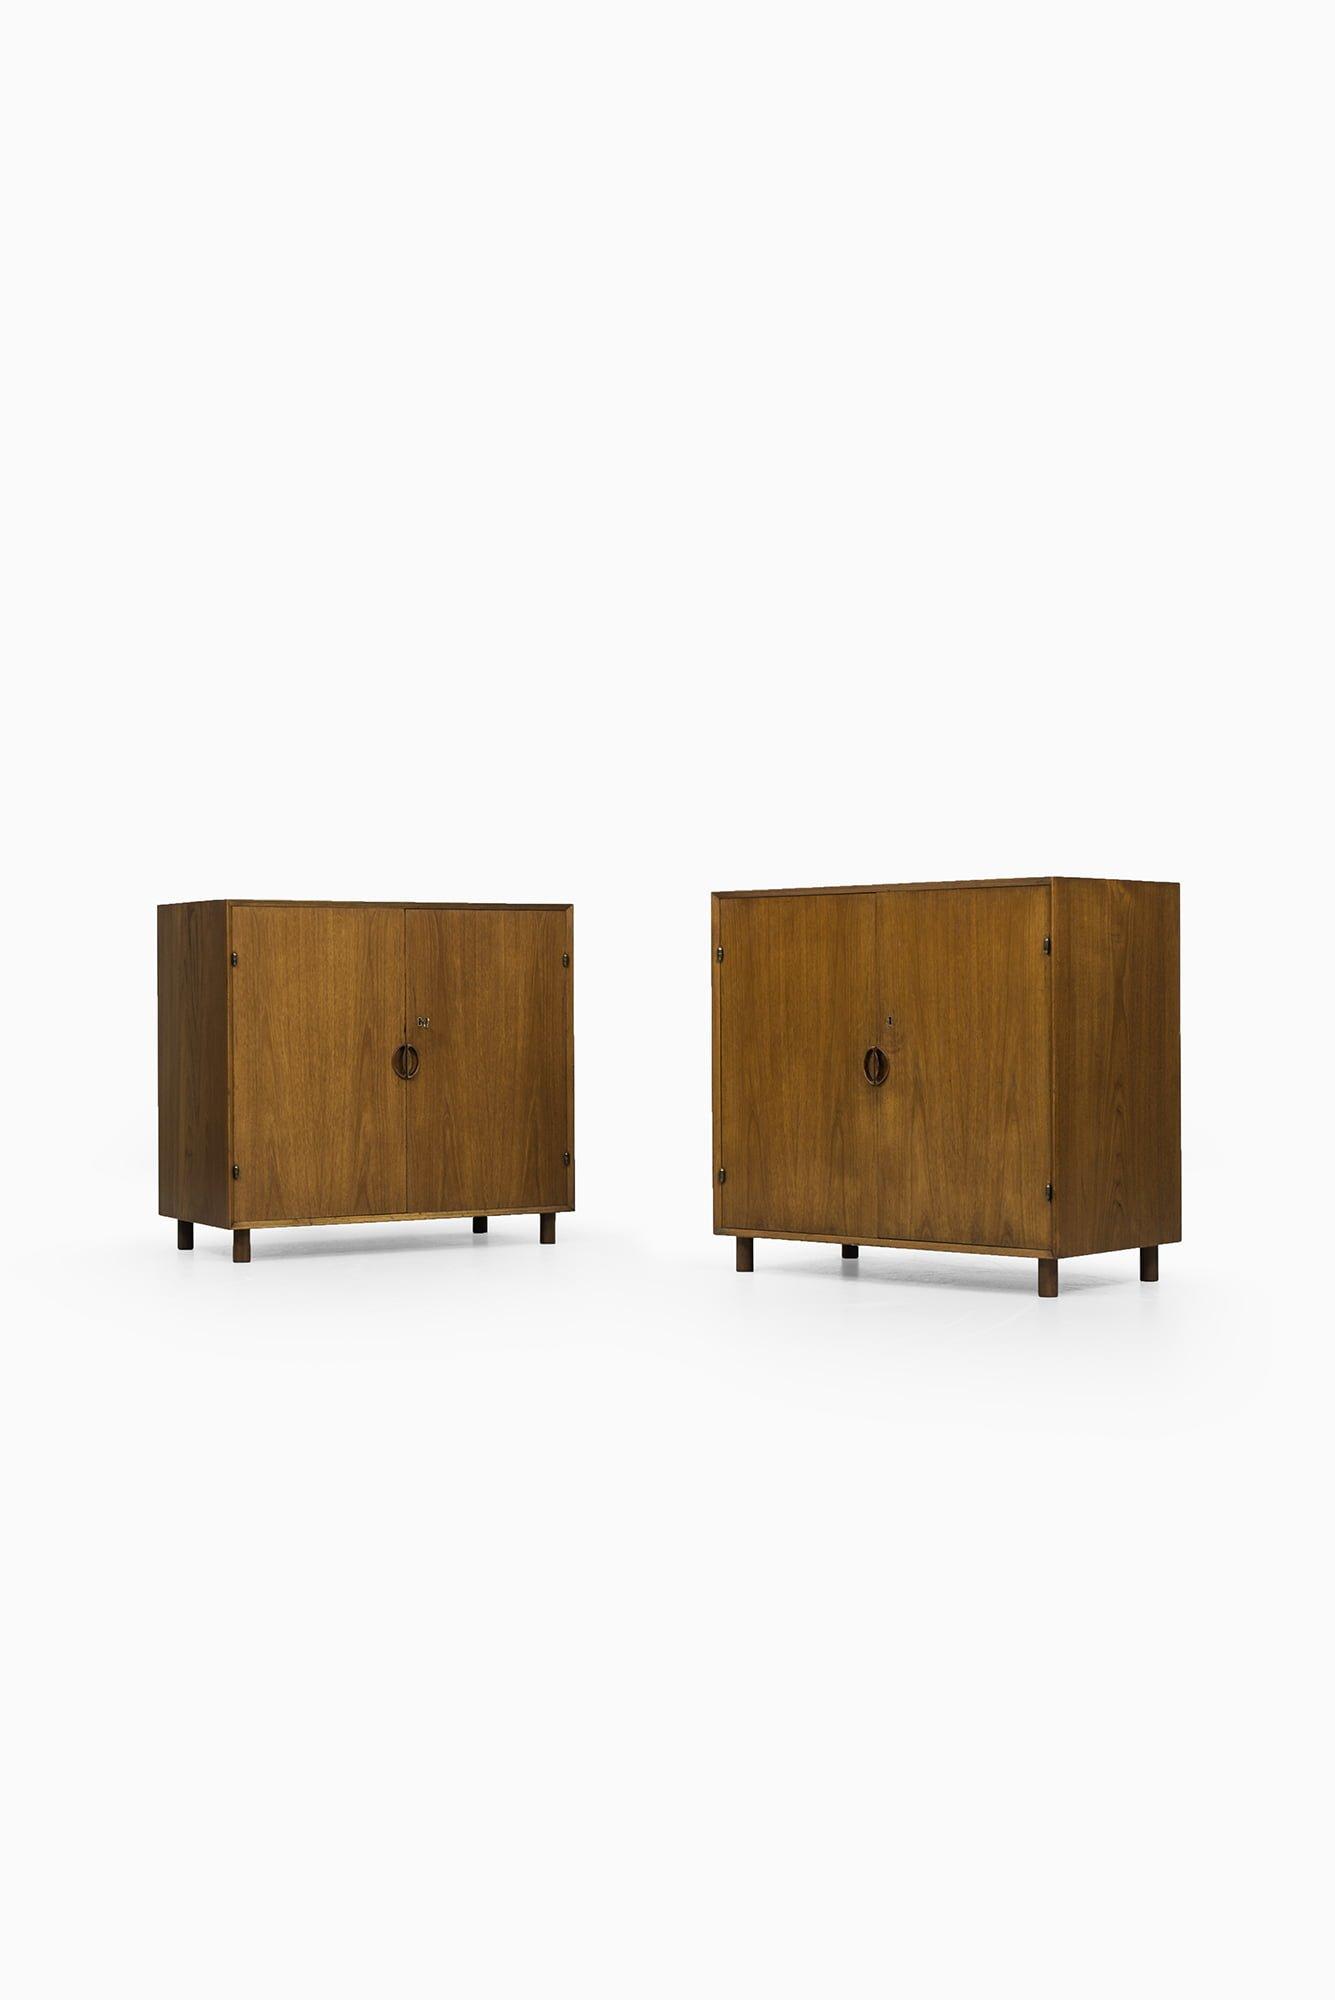 Peter Hvidt & Orla Mølgaard-Nielsen cabinets at Studio Schalling